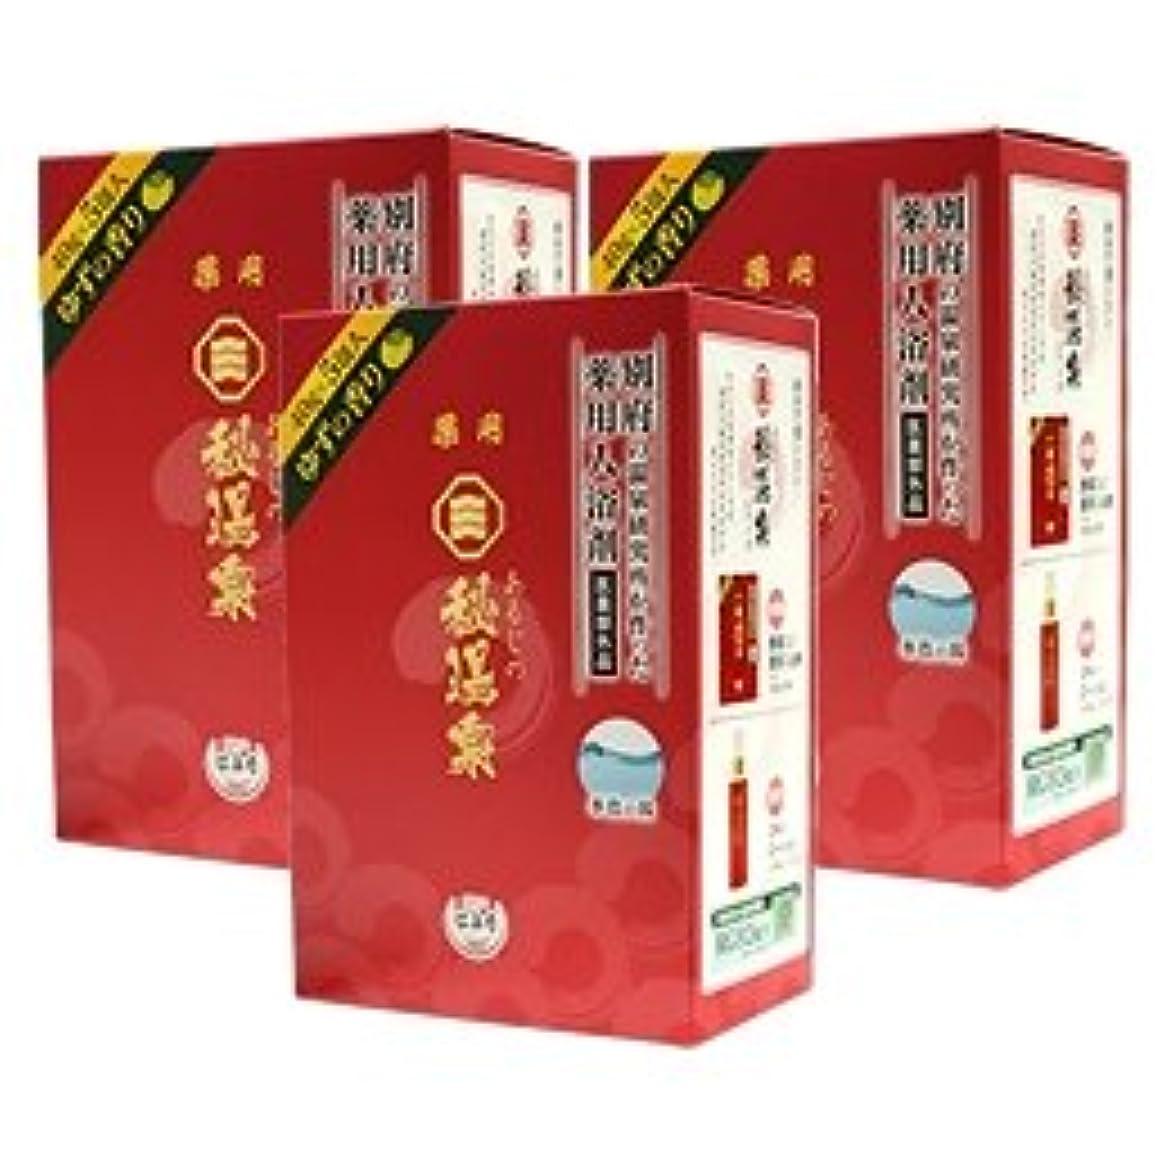 識別する何よりもキャラクター薬用入浴剤 あるじの秘湯泉 ×3箱(1箱5包入り)セット